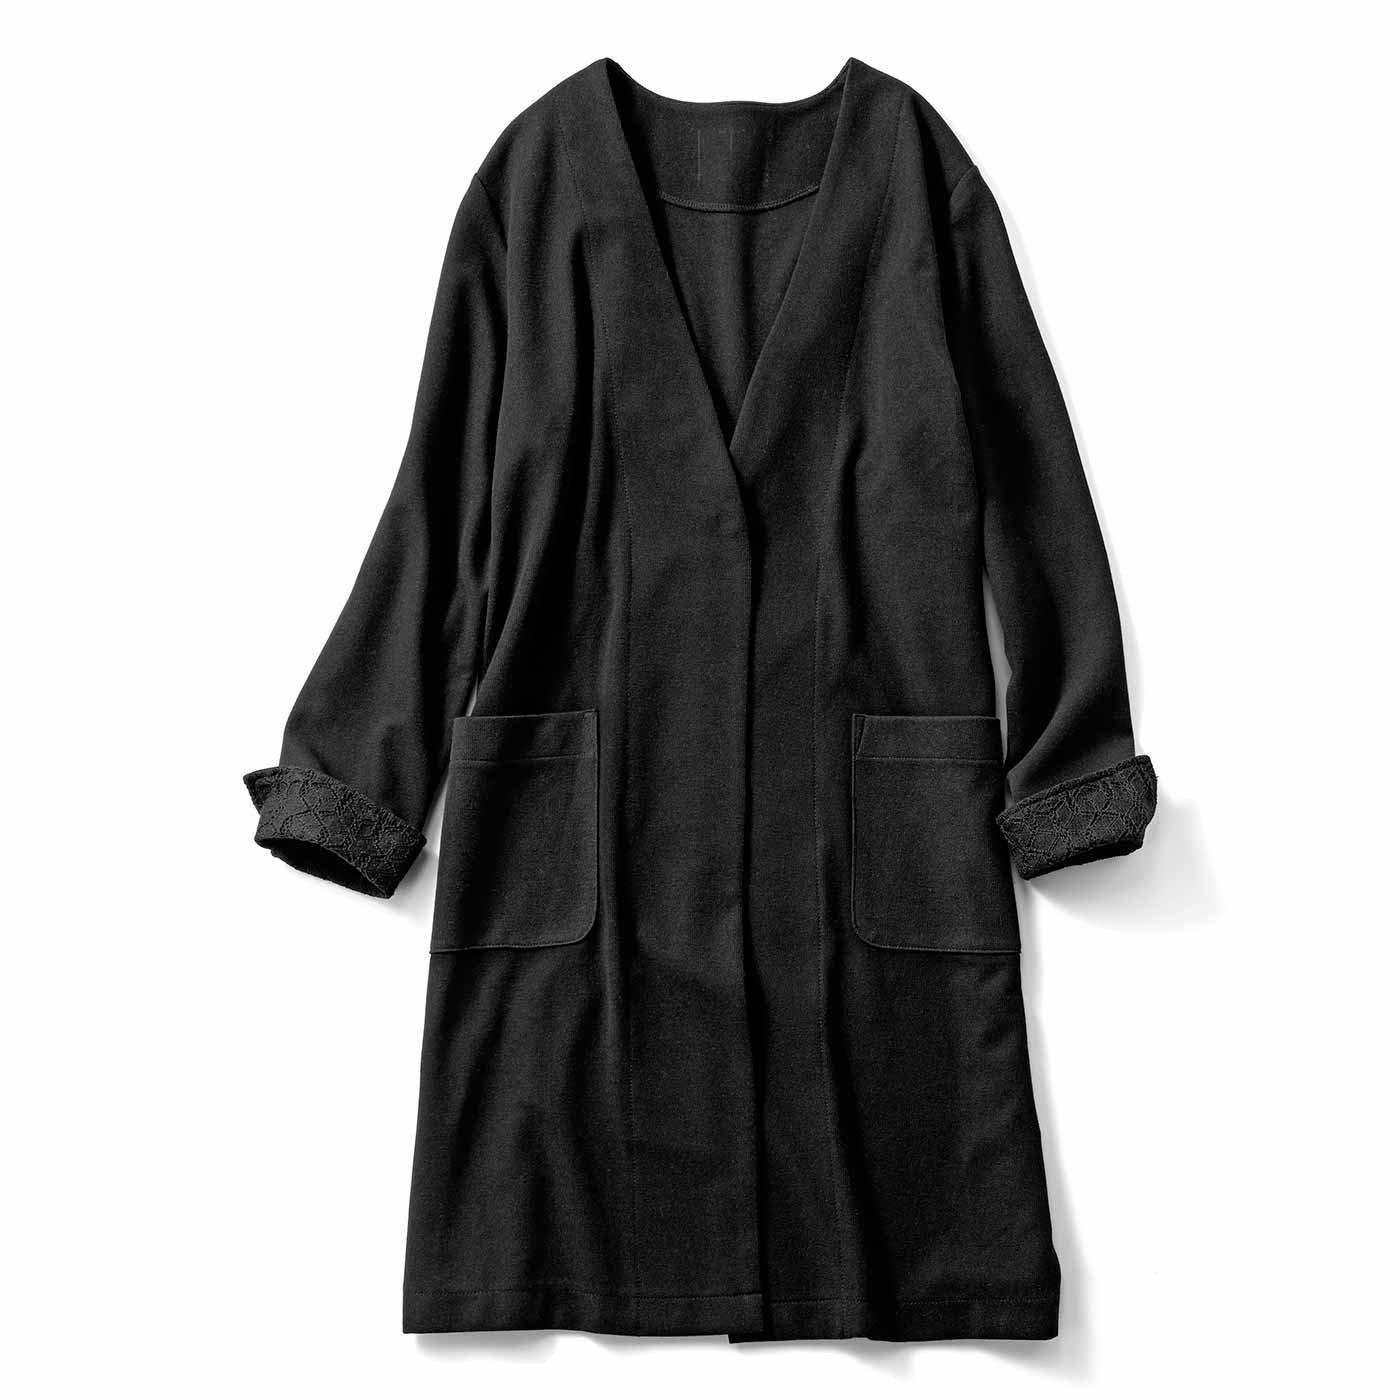 リブ イン コンフォート さっとはおってきちんと見えする ほどよい厚みのカットソーロングジャケット〈ブラック〉